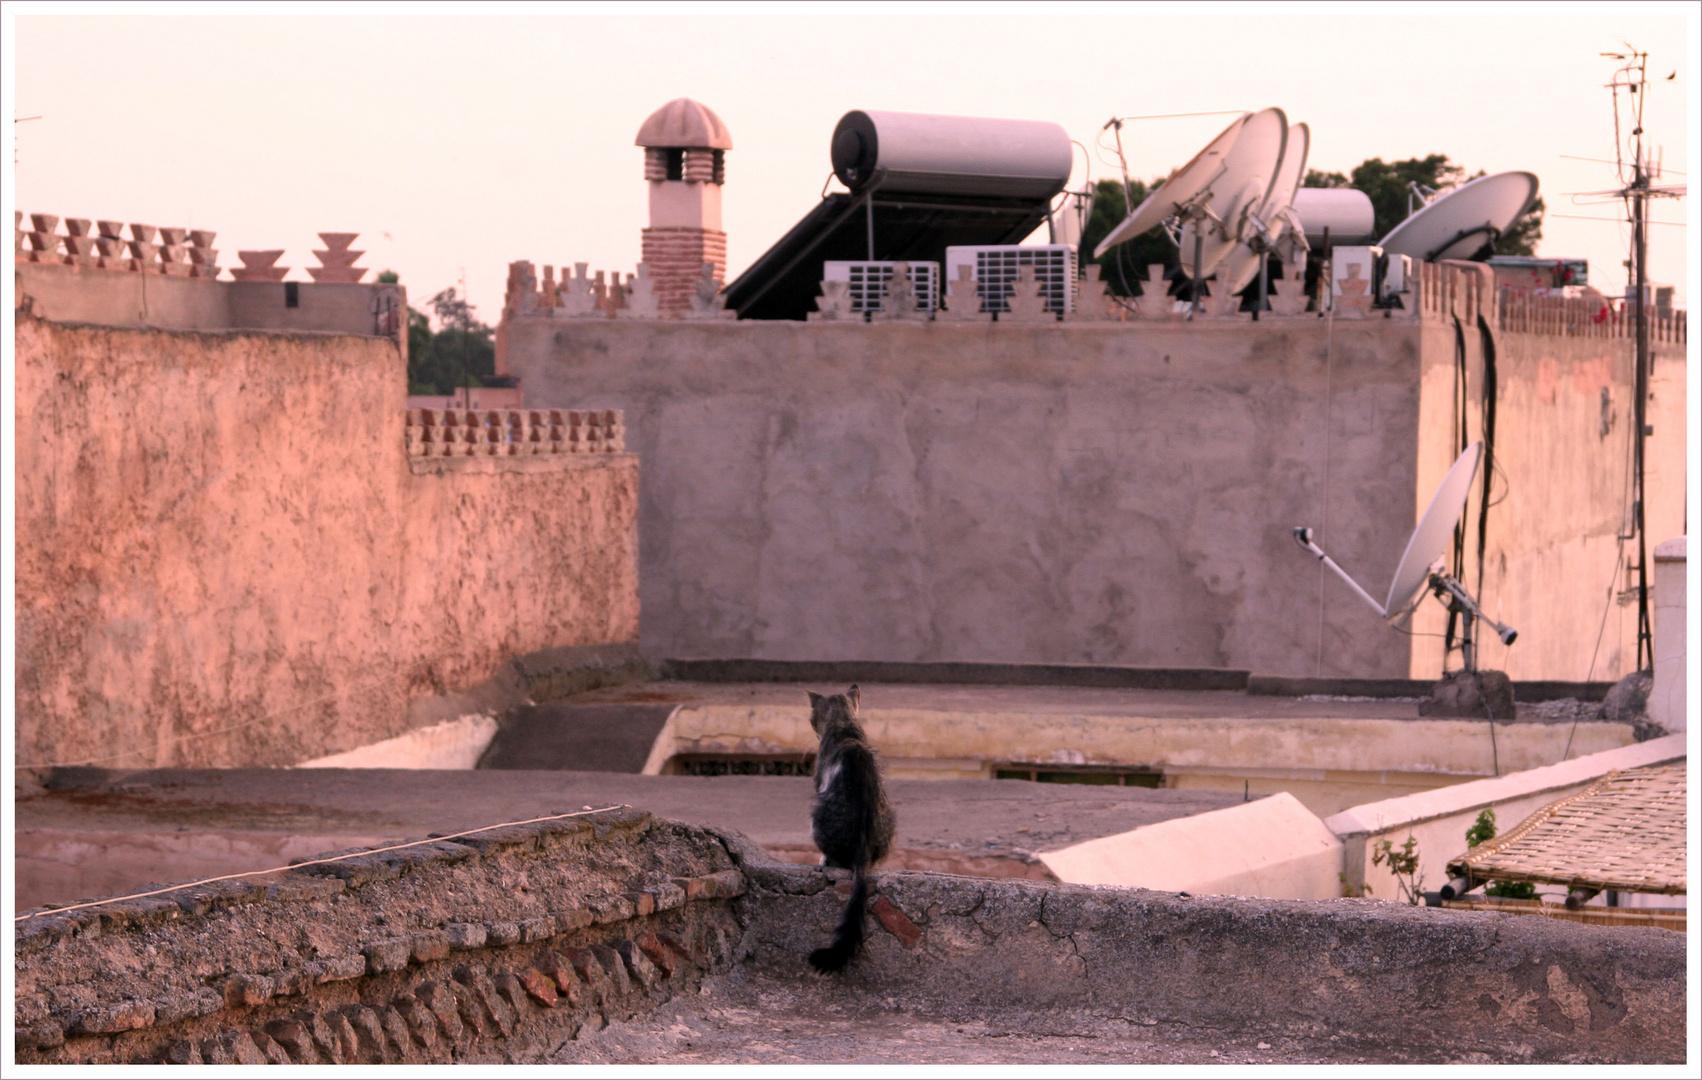 Sonnenuntergang über den Dächern von Marrakech